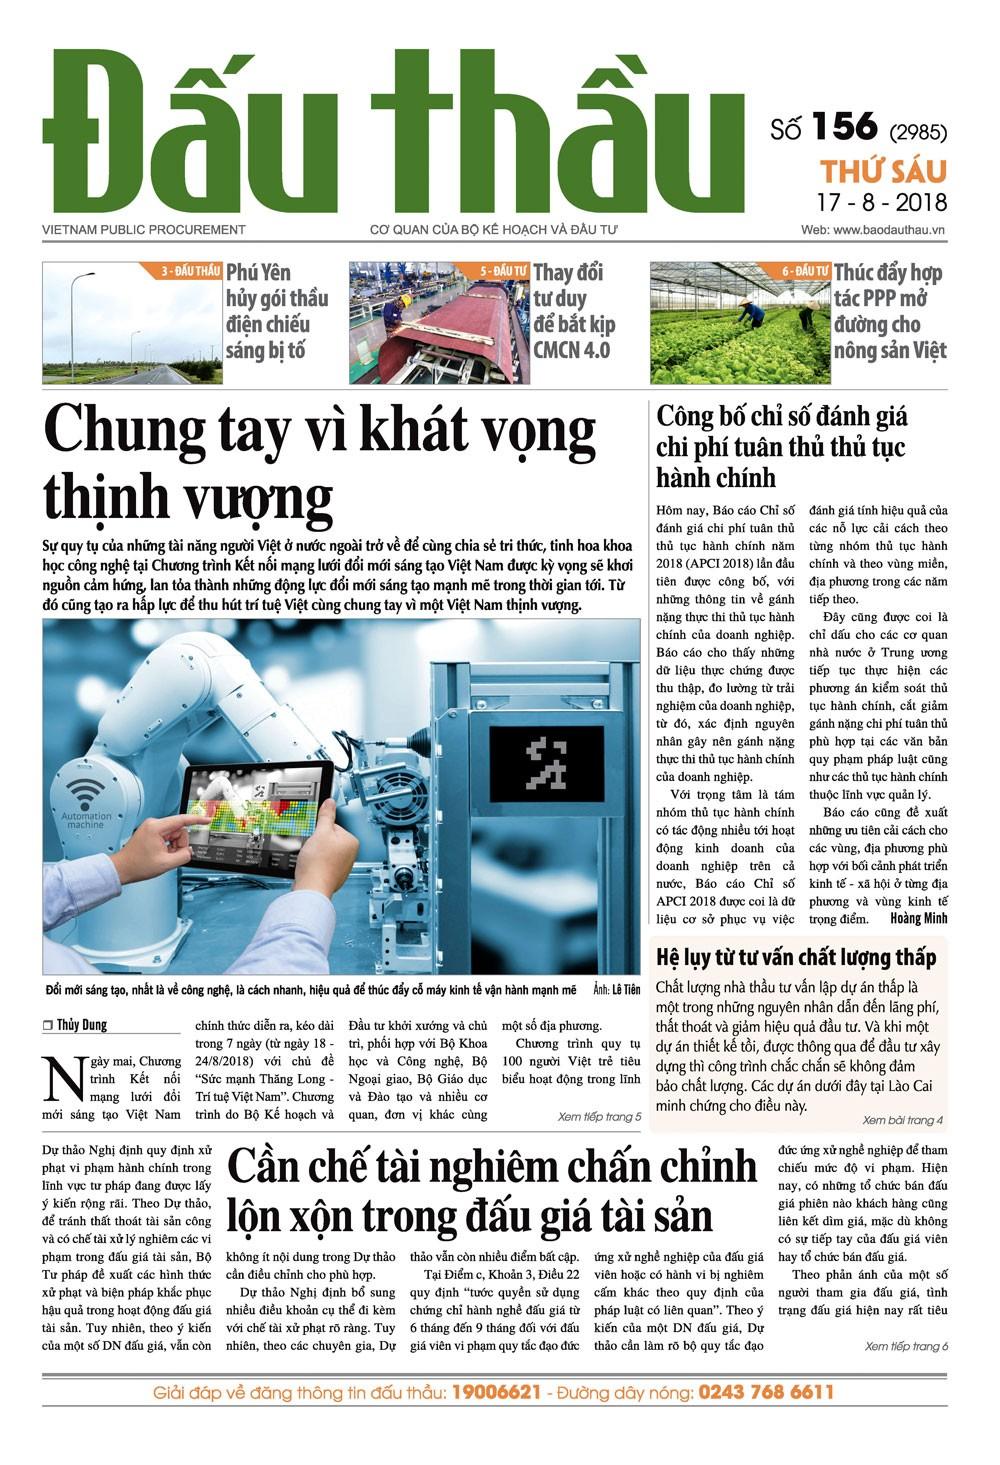 Báo Đấu thầu số 156 ra ngày 17/8/2018